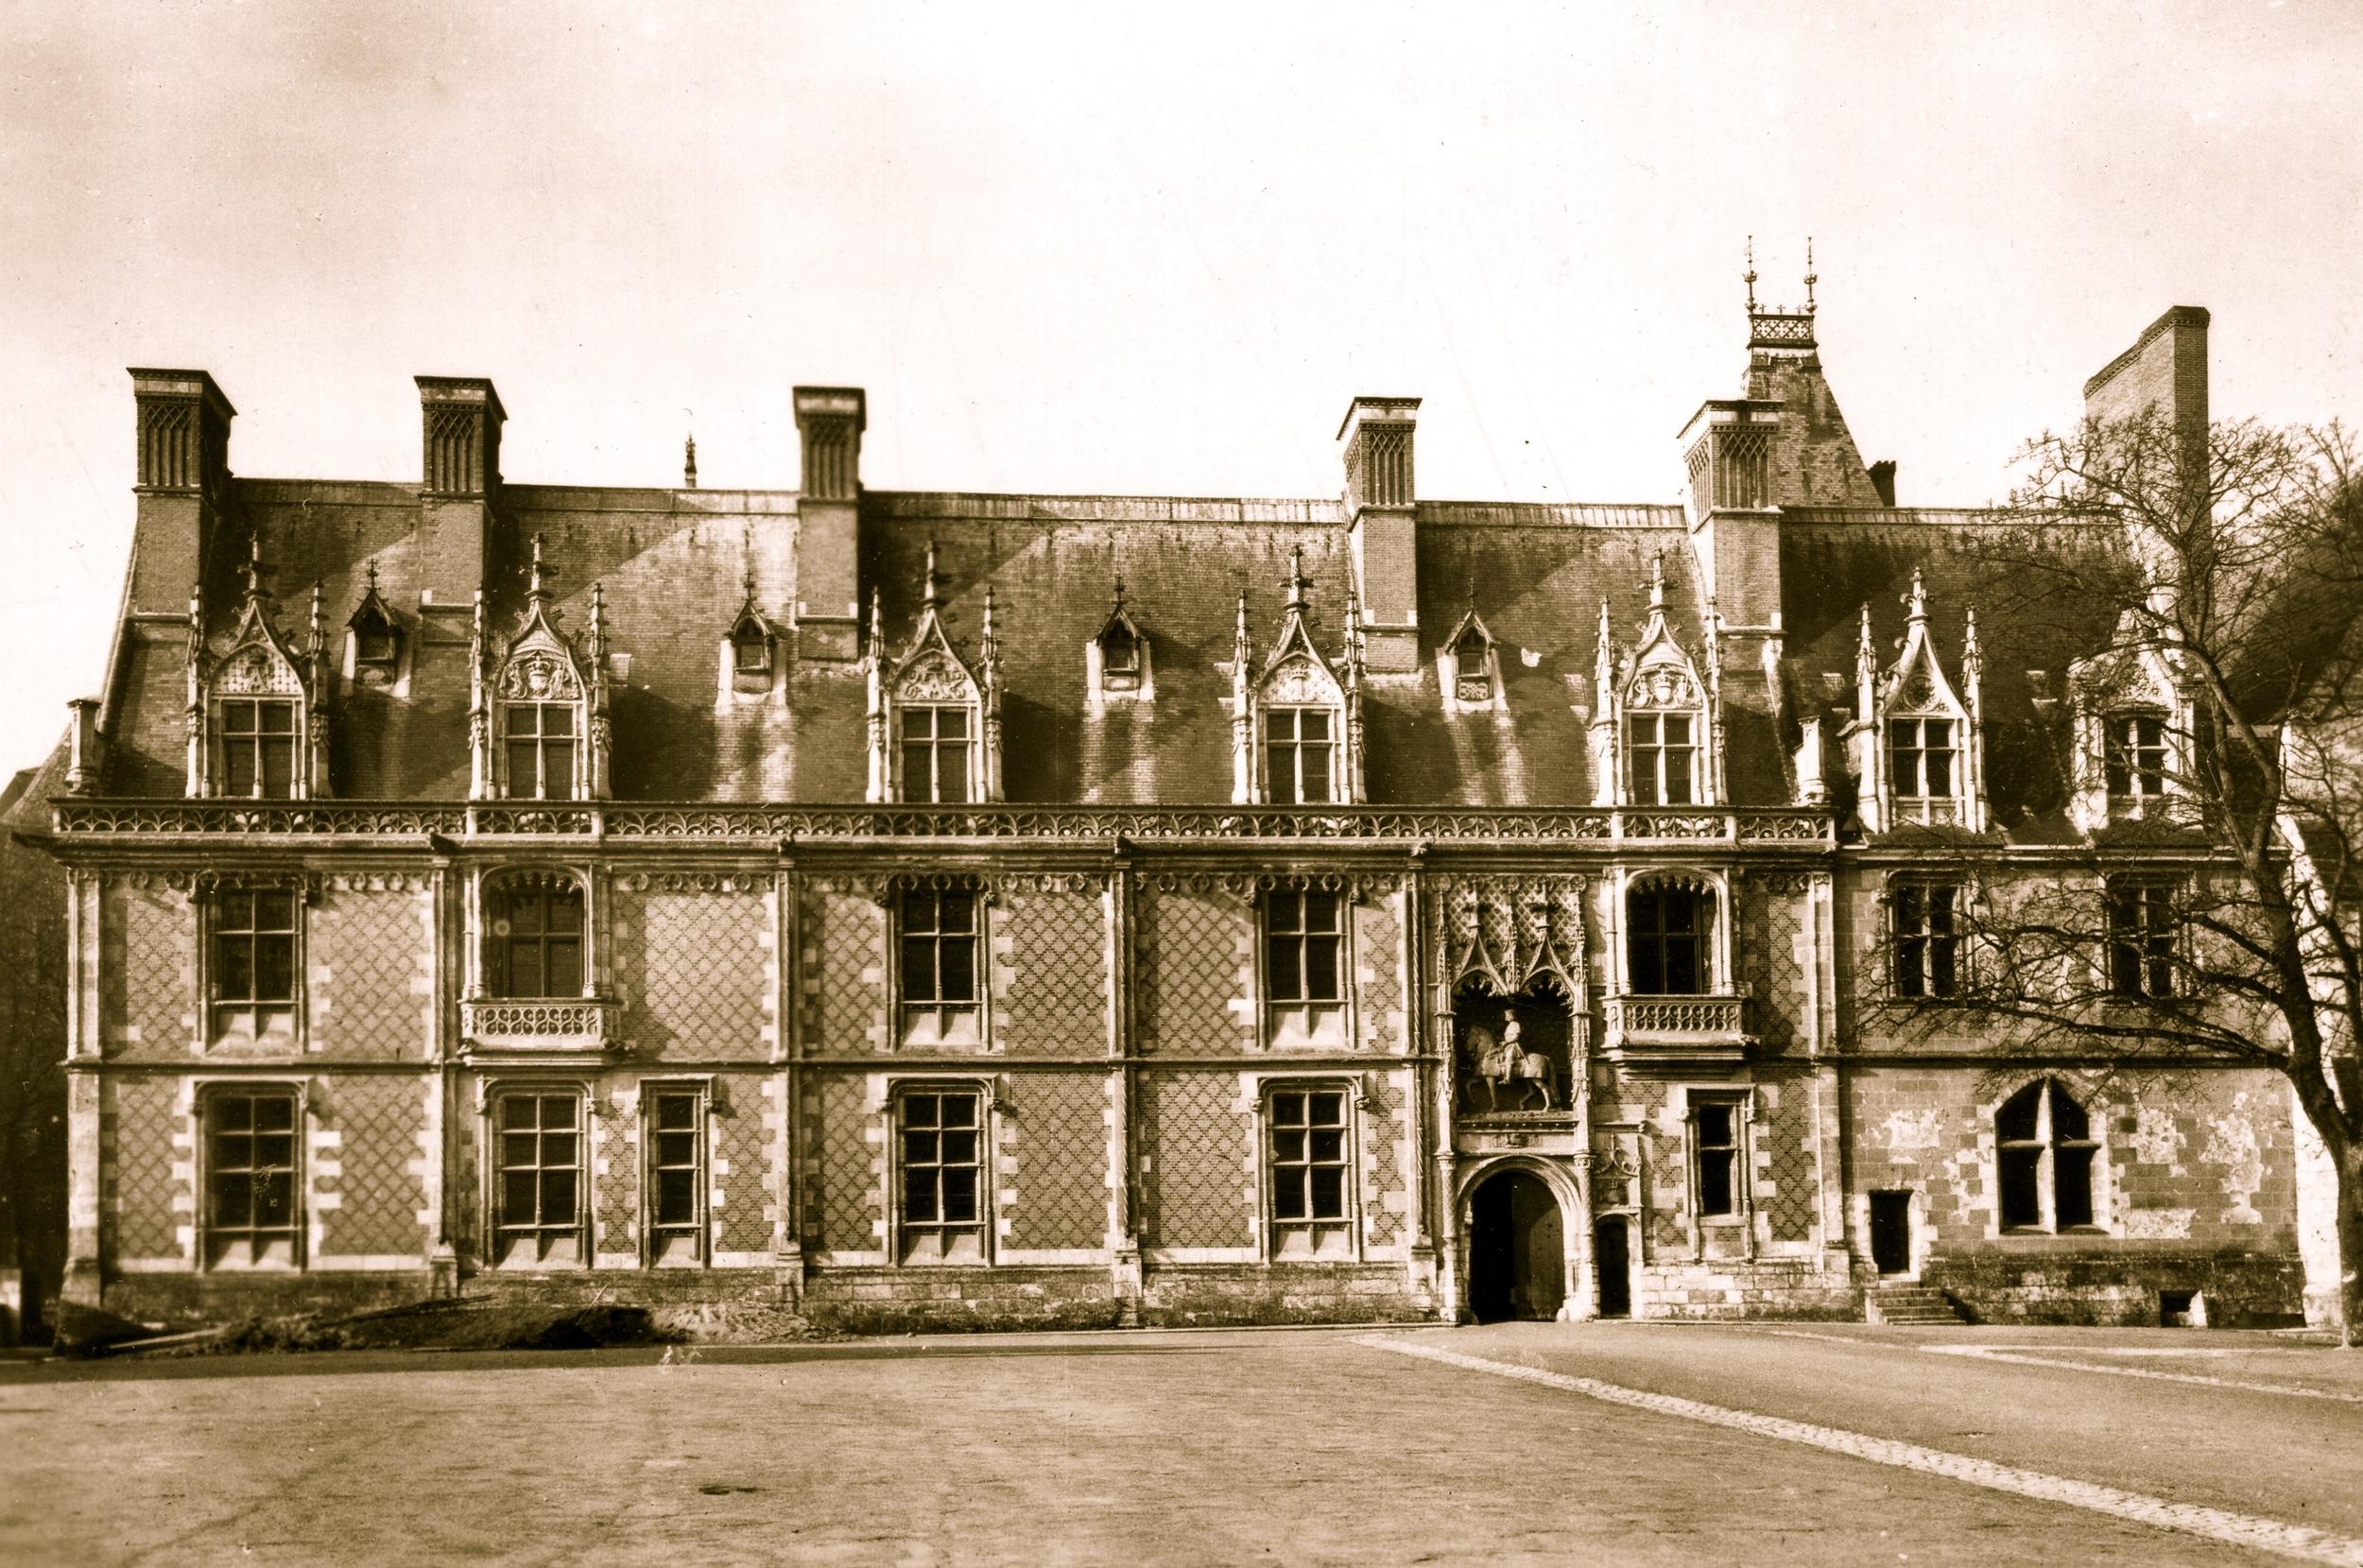 Blois Castle, France